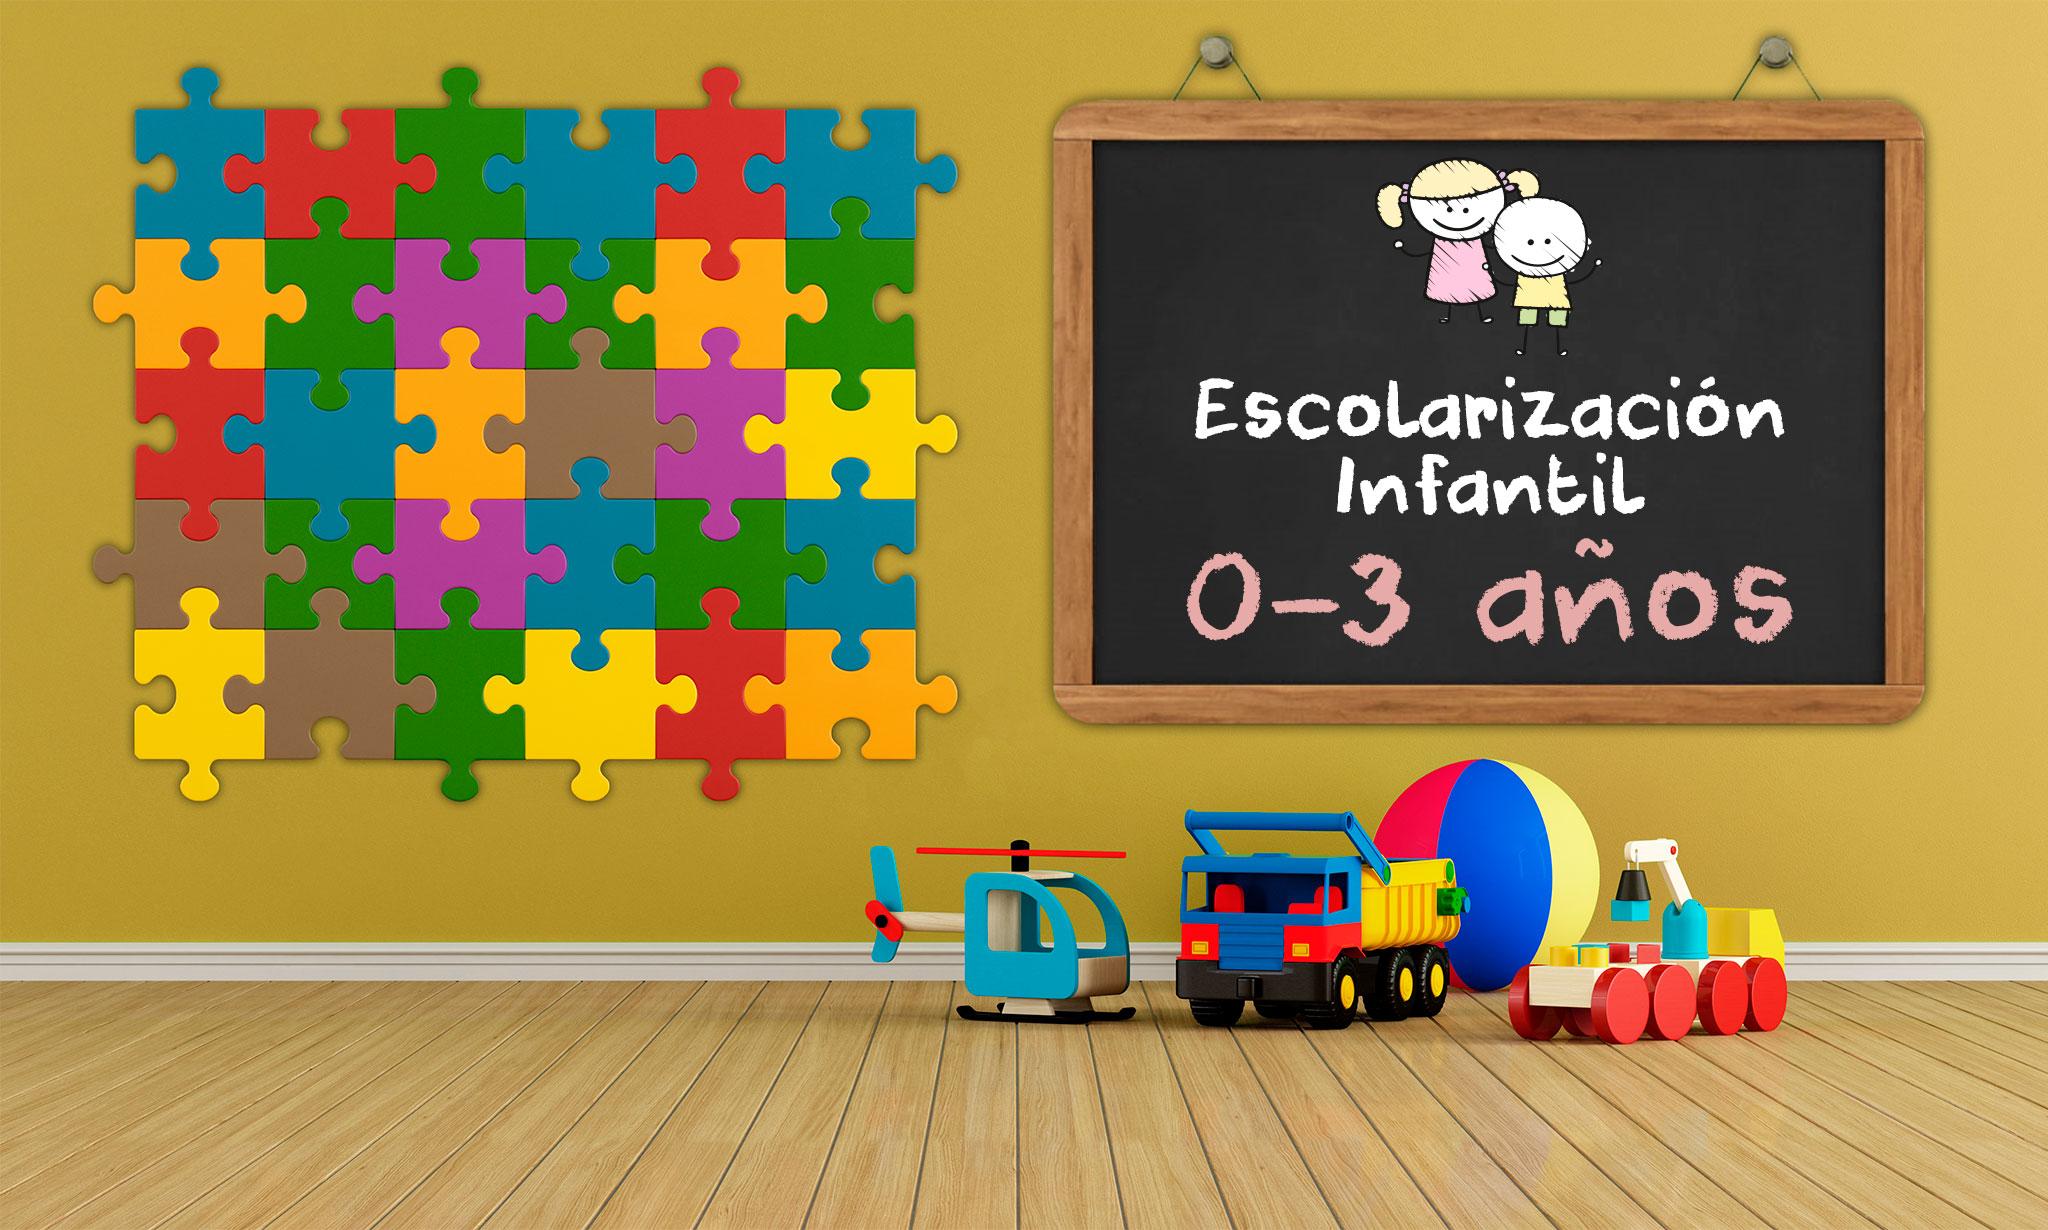 Escolarización Infantil 0 a 3 años. Periodo de reserva de plazas